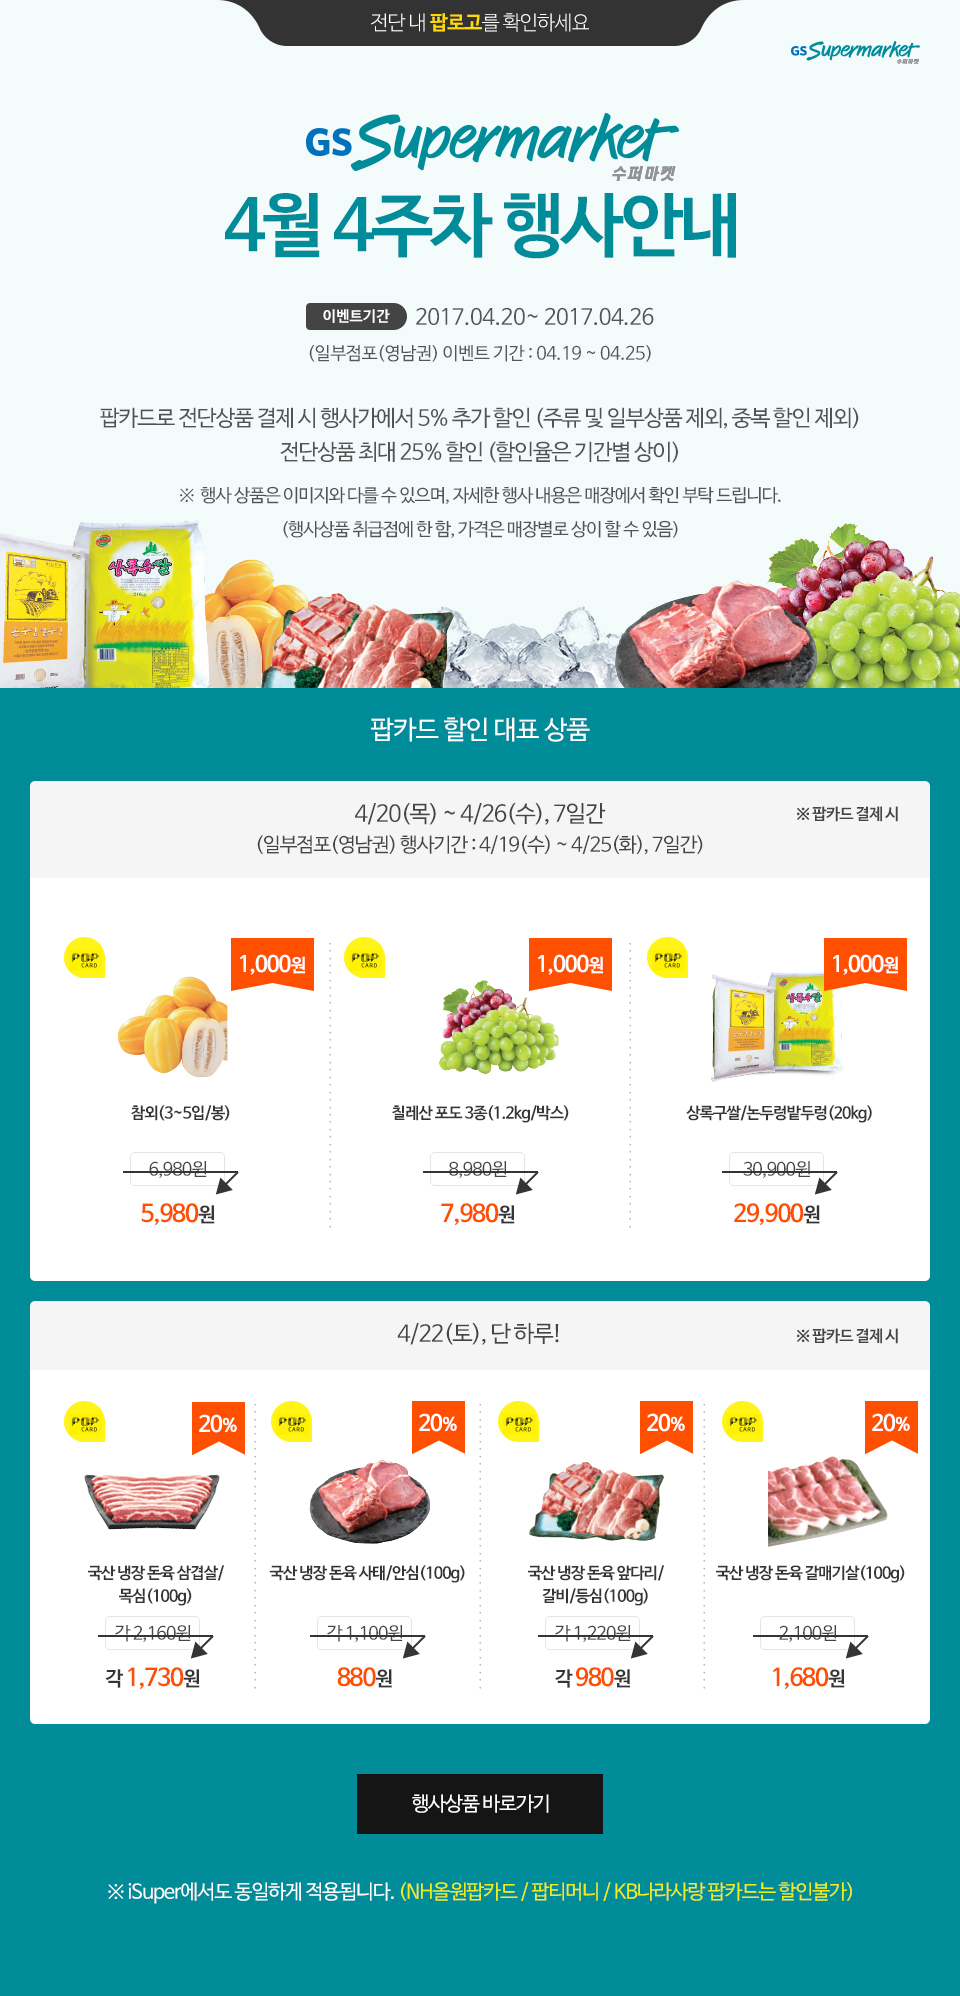 GS수퍼마켓 4월4주차 행사안내 / 이벤트기간:2017.04.20~ 2017.04.26 - 하단 상세설명